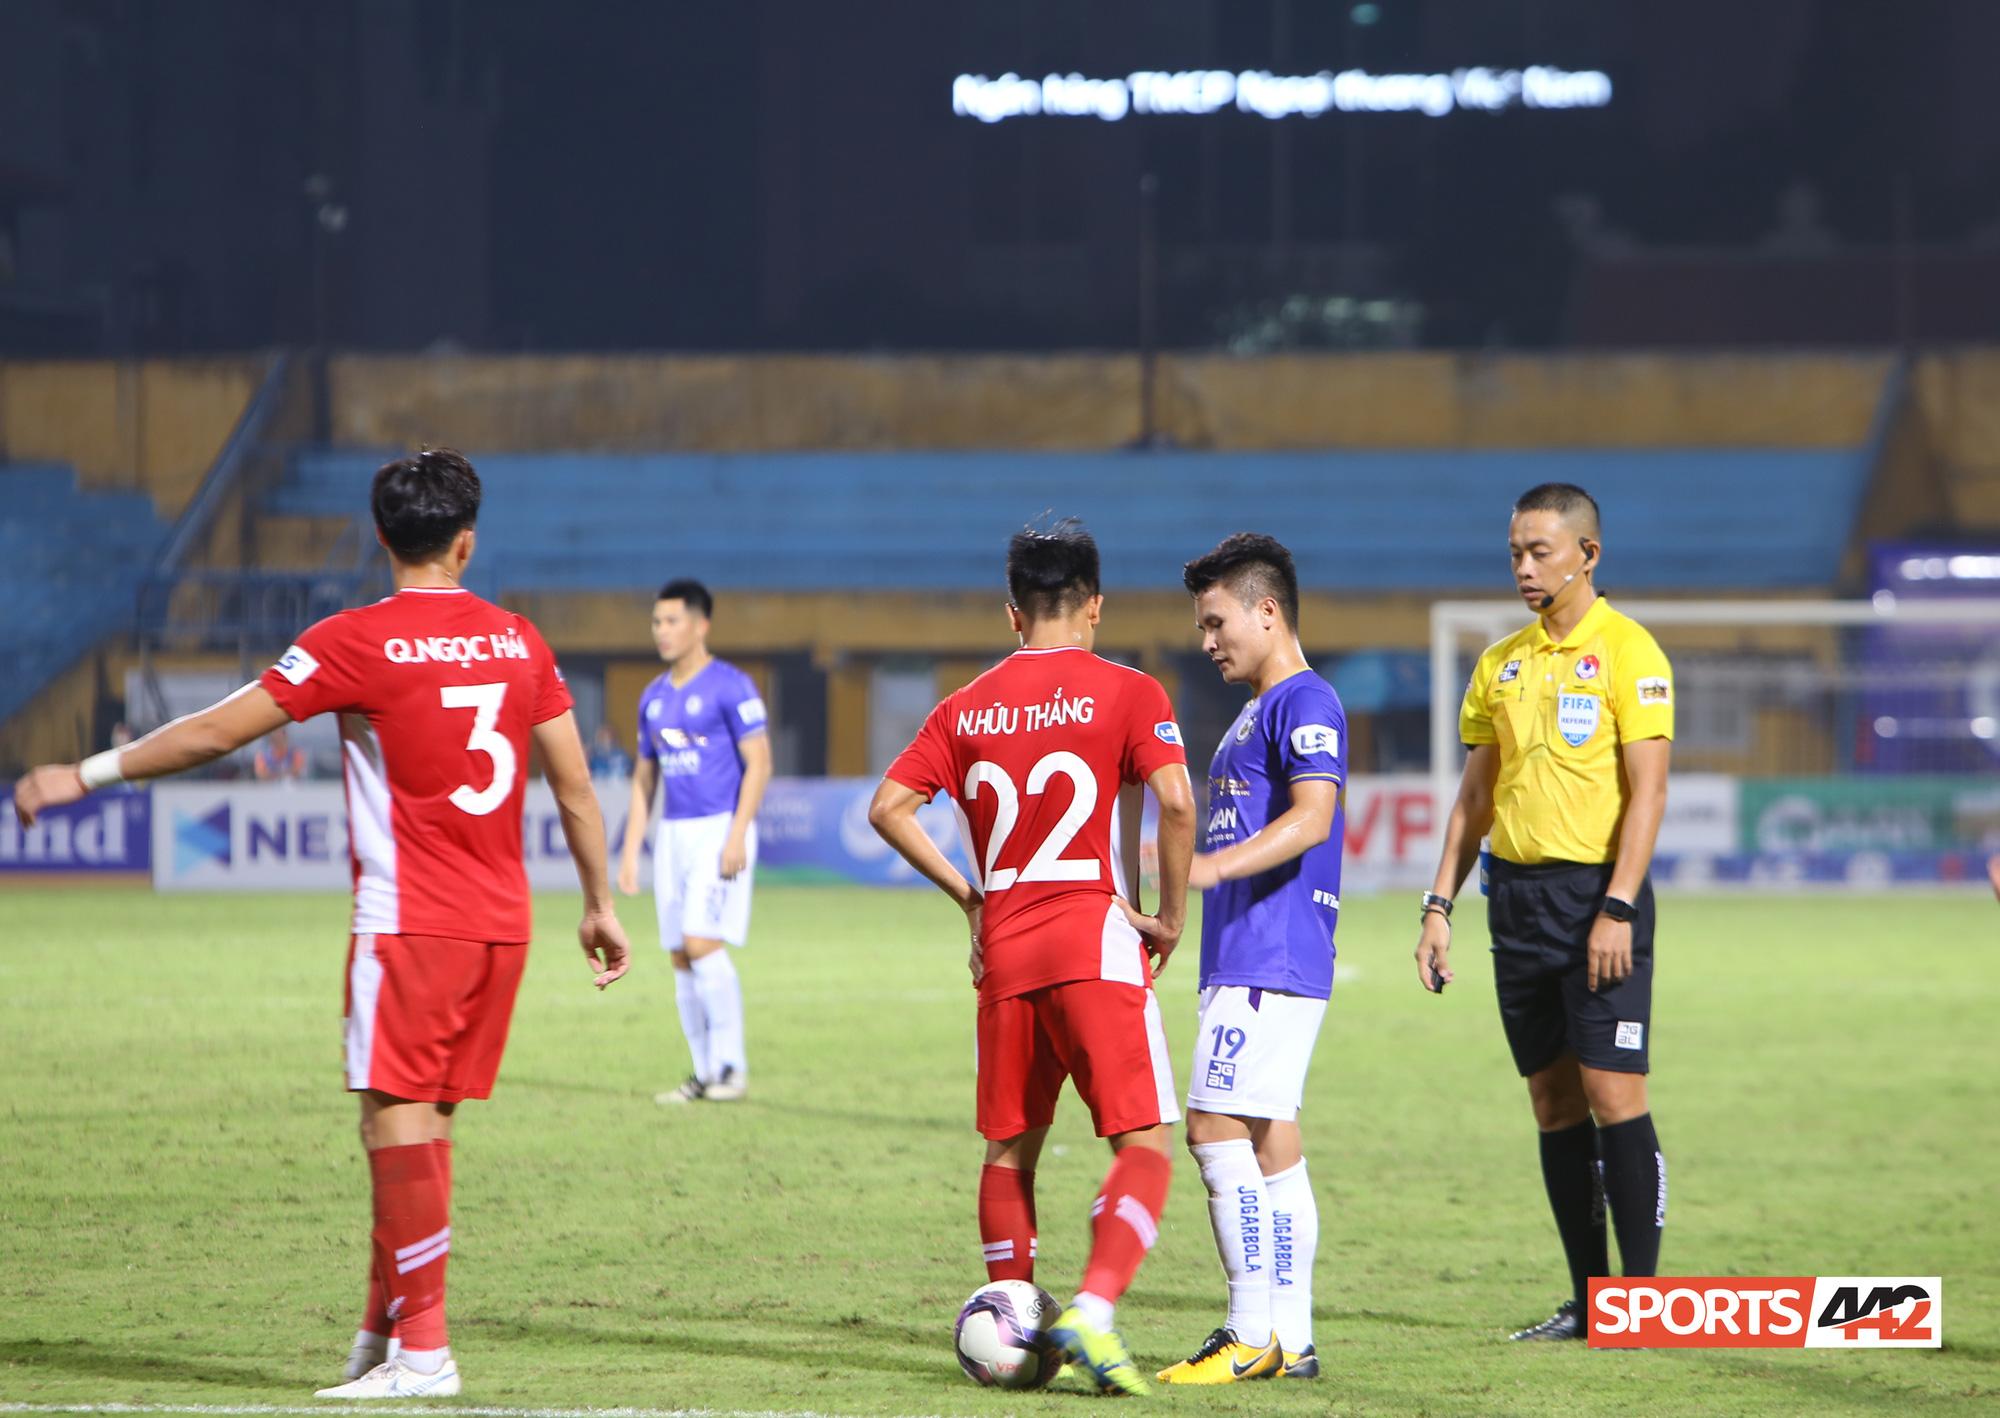 Hà Nội FC thua Viettel, bầu Hiển làm ngay 1 điều - Ảnh 3.